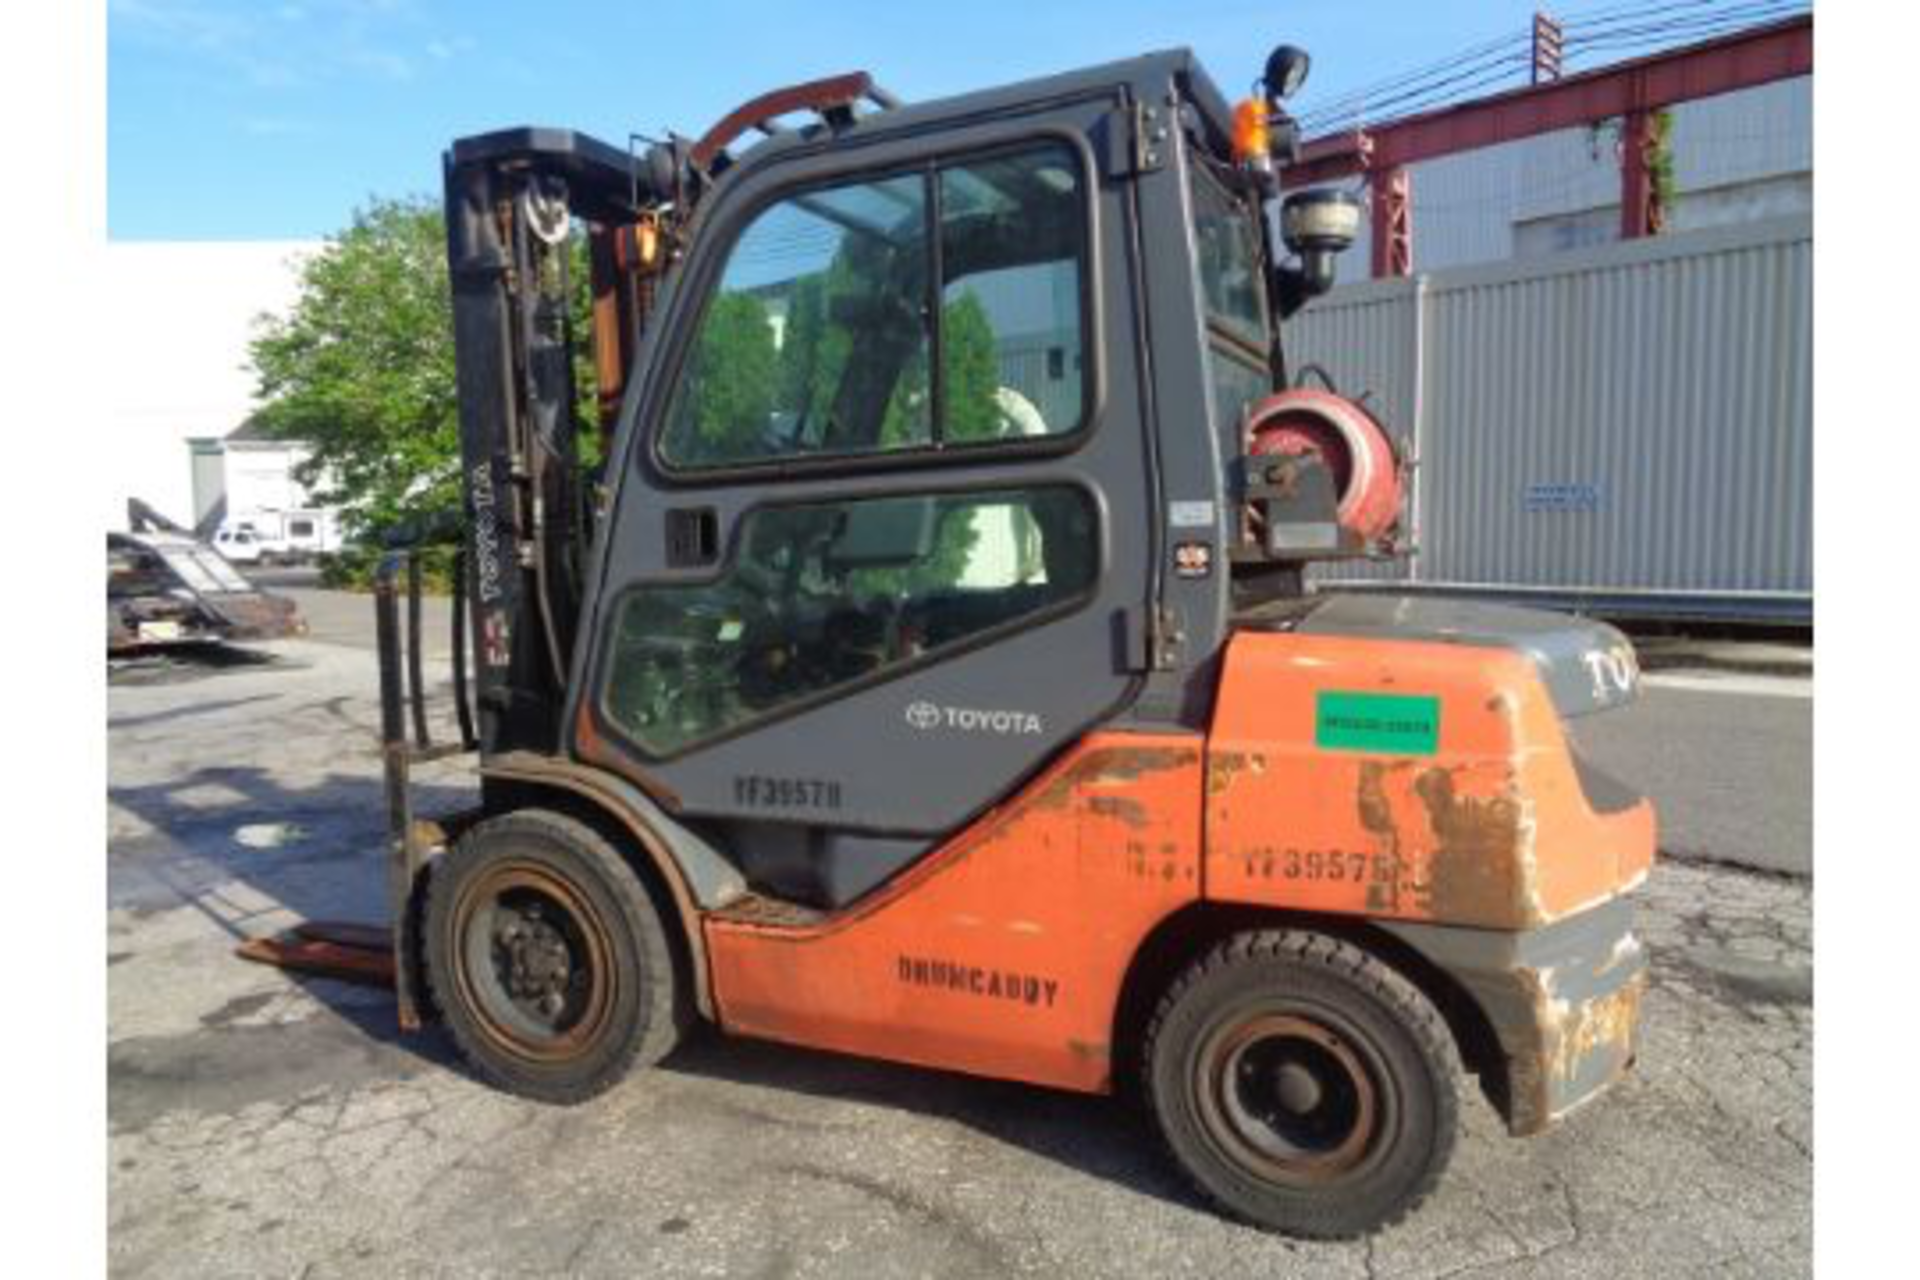 Lot 64 - 2014 Toyota 8FGU30 6,000lb Forklift